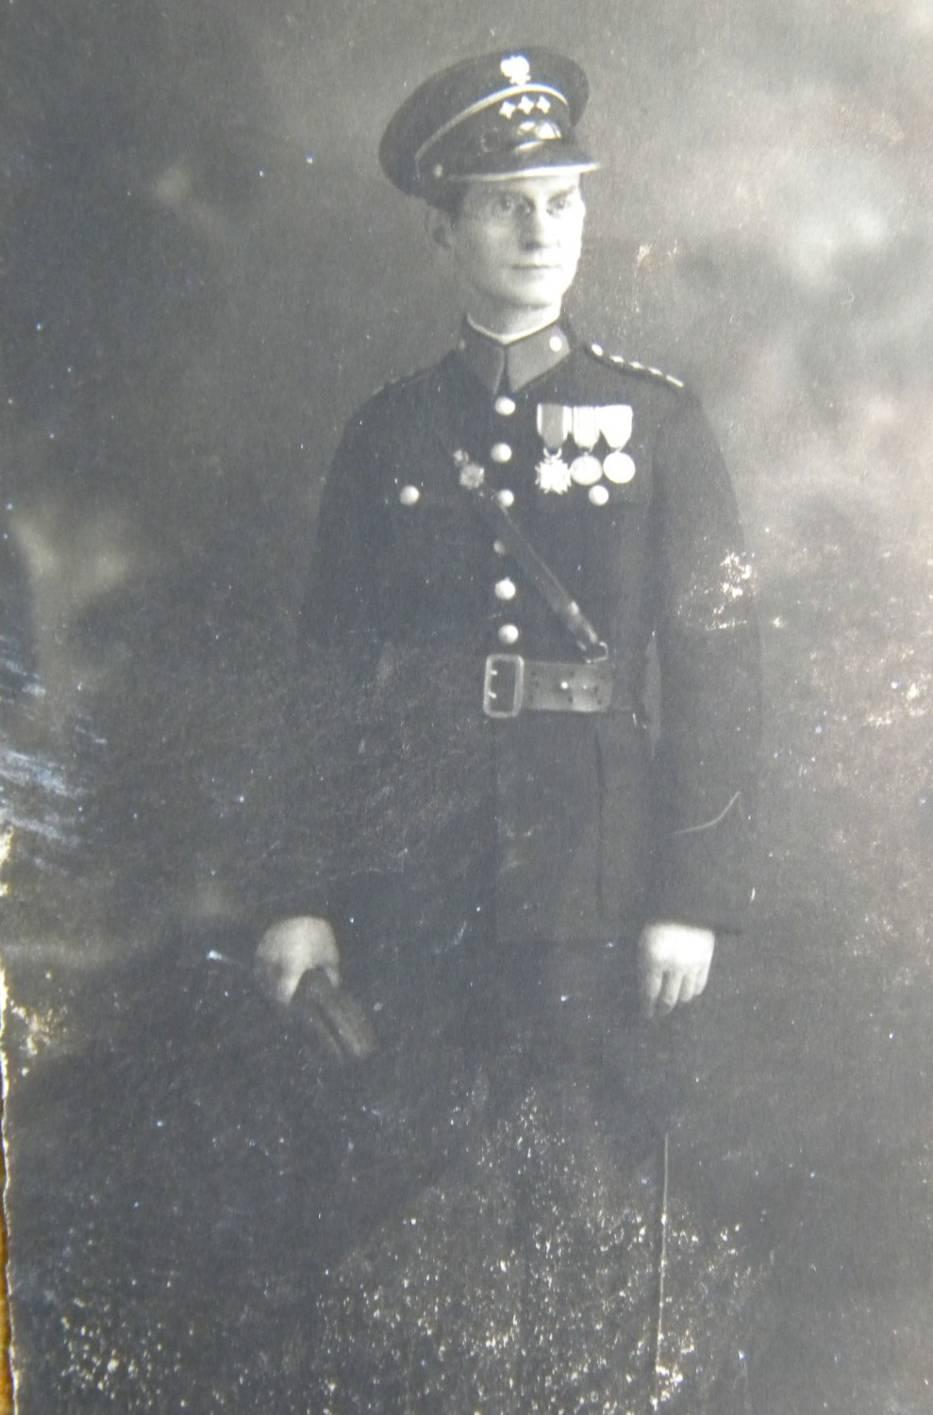 Komendant Stanisław Skąpski urodził się 20 kwietnia 1890 roku w Gnieźnie, jako syn Józefa i Anny z domu Kiełpińskiej